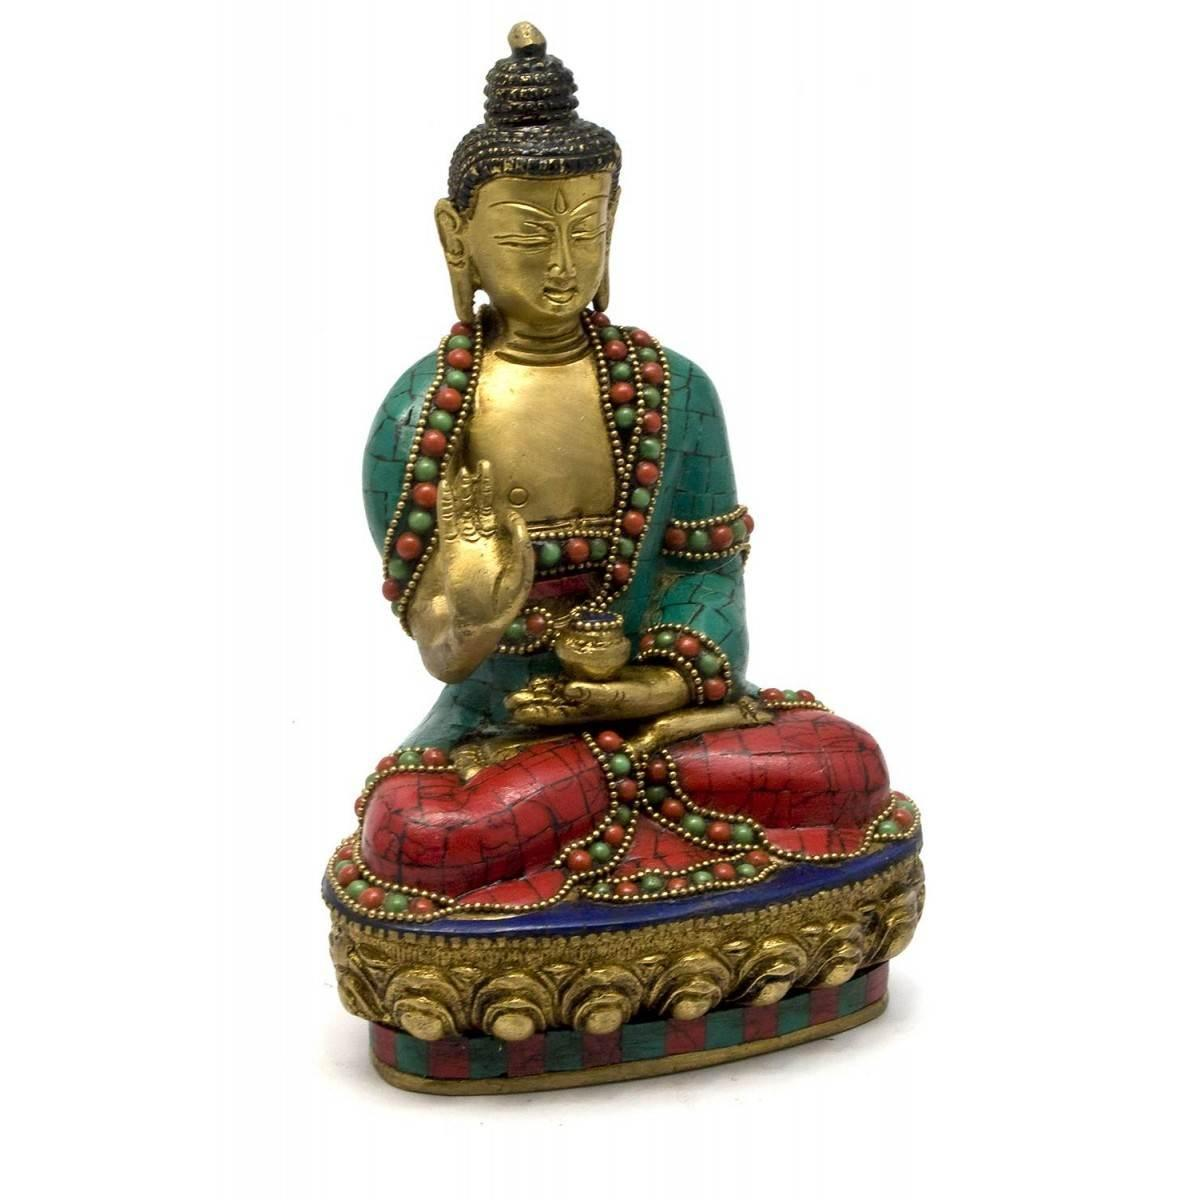 Будда бронзовый бирюза, кораллы 21х13х9 смa 29329A